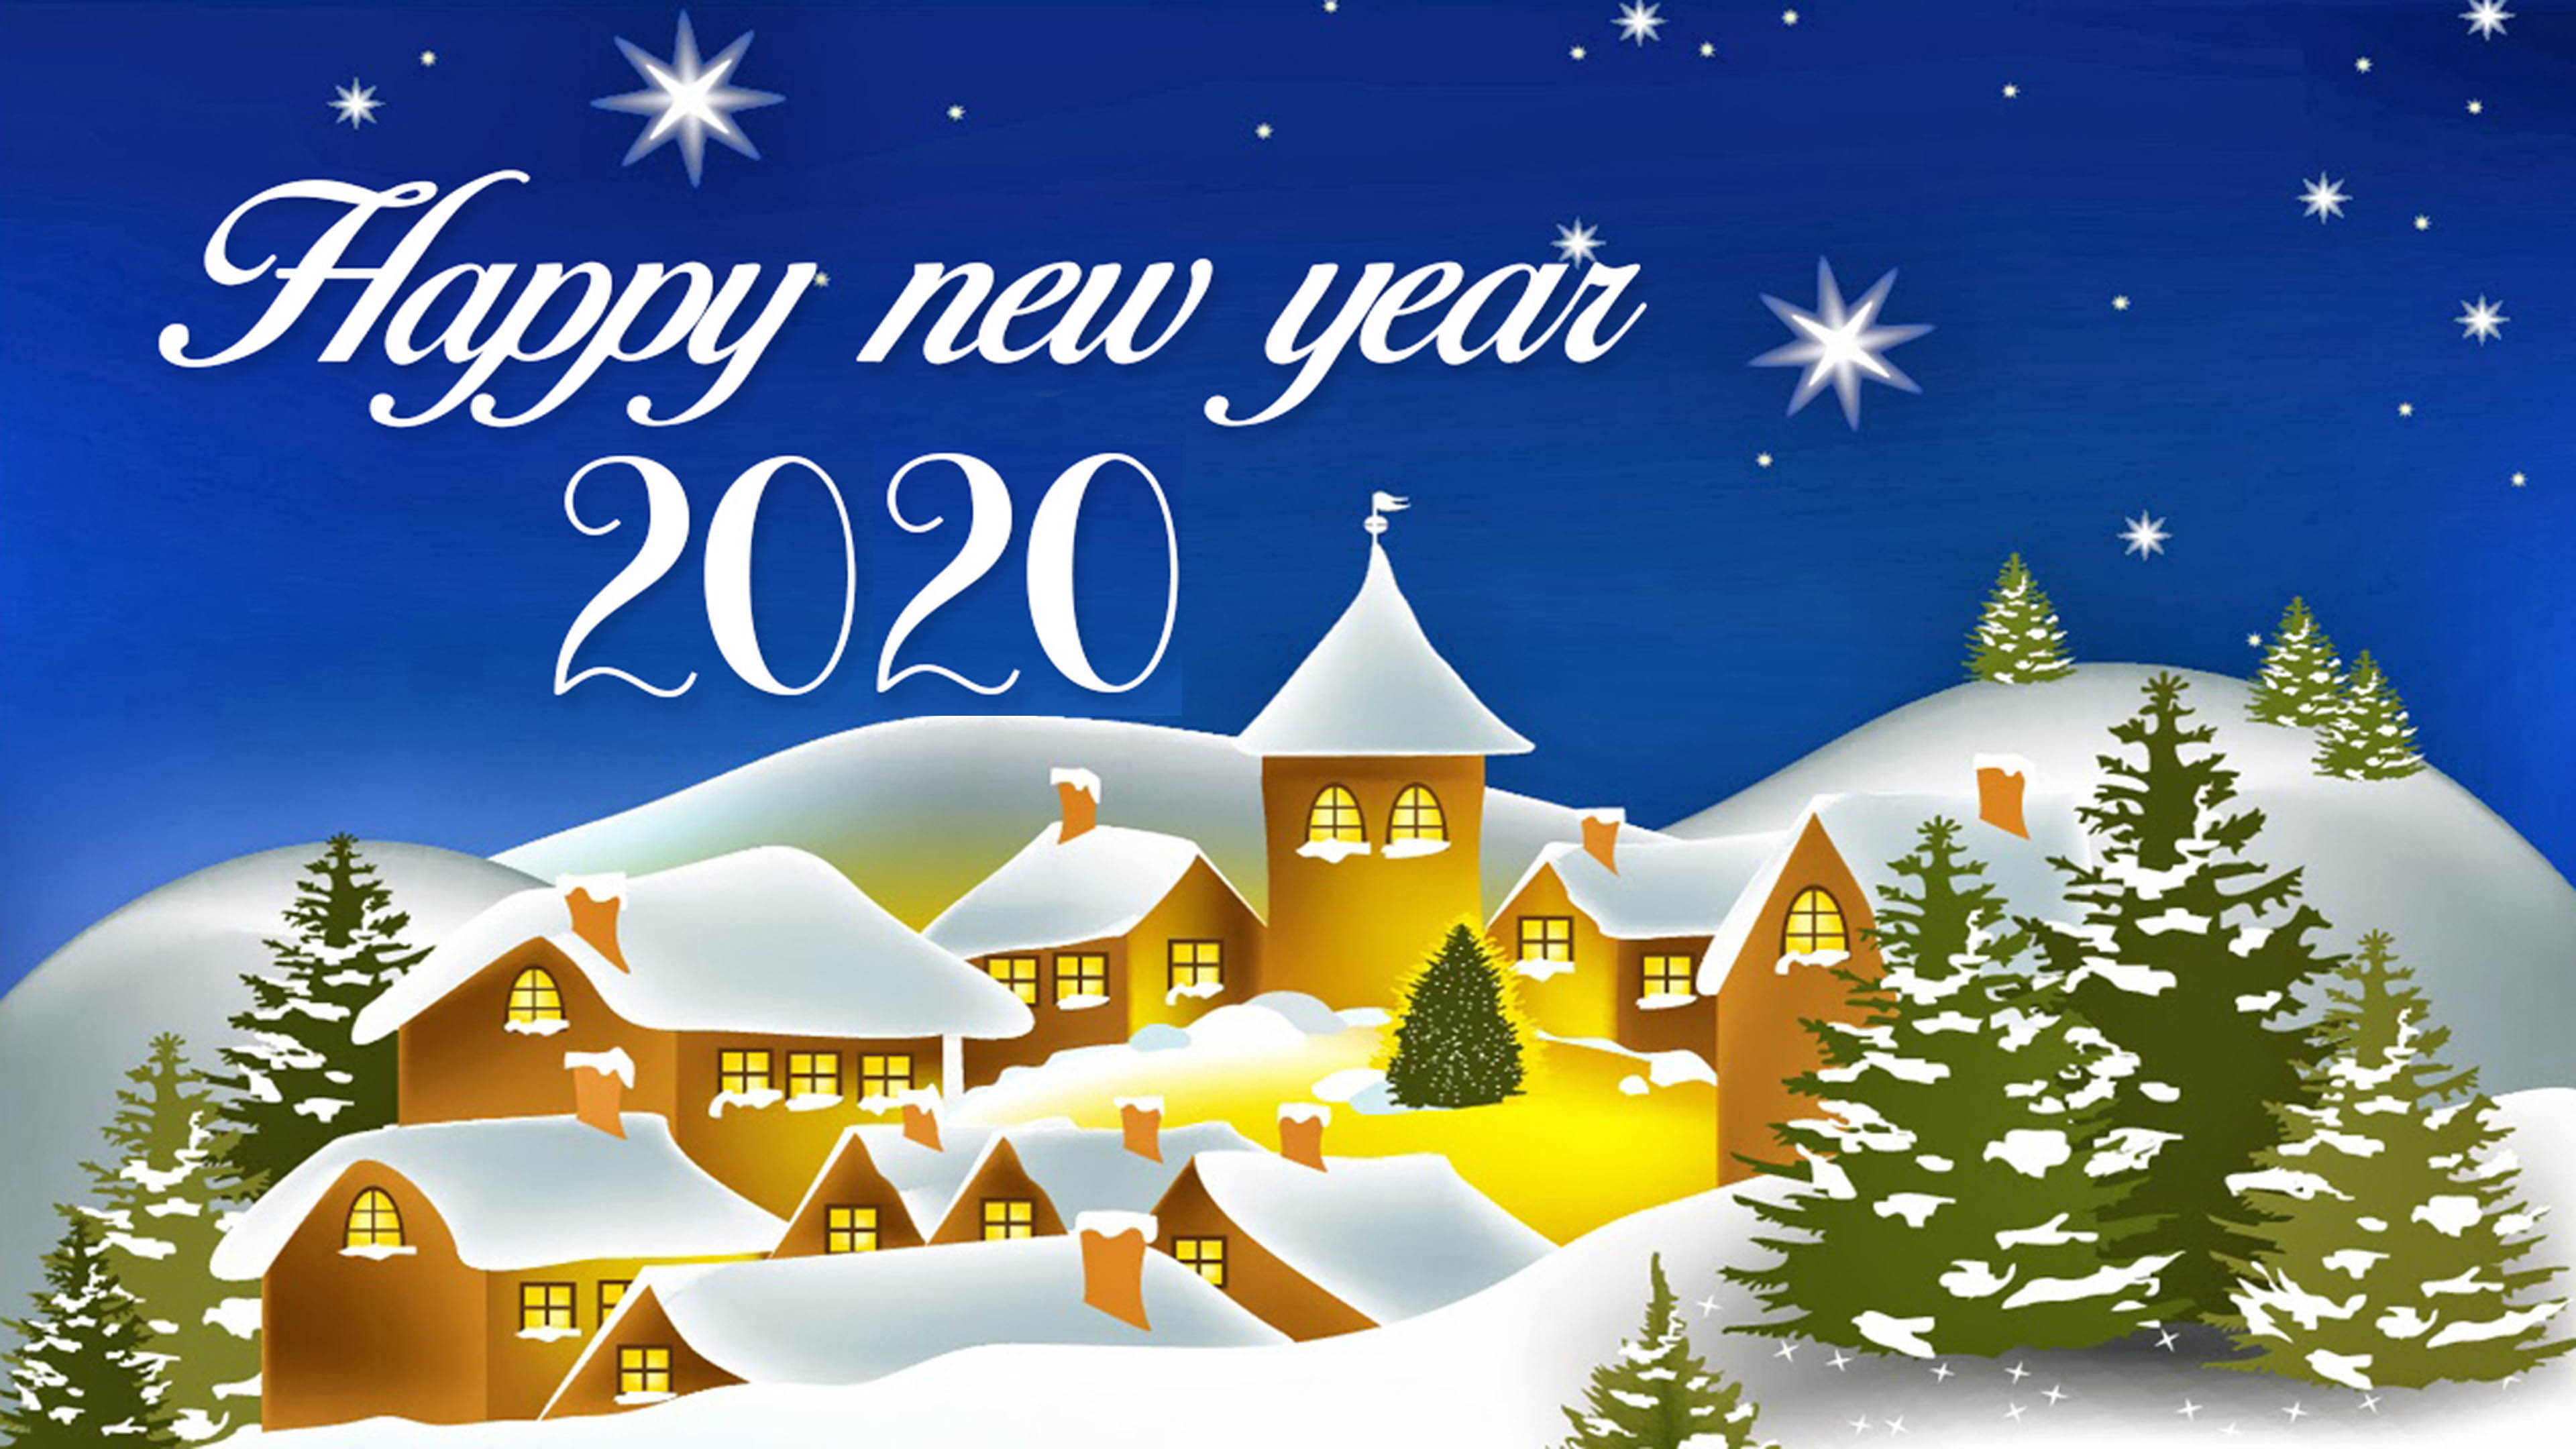 33] Latest Christmas 2020 HD Wallpapers on WallpaperSafari 3840x2160